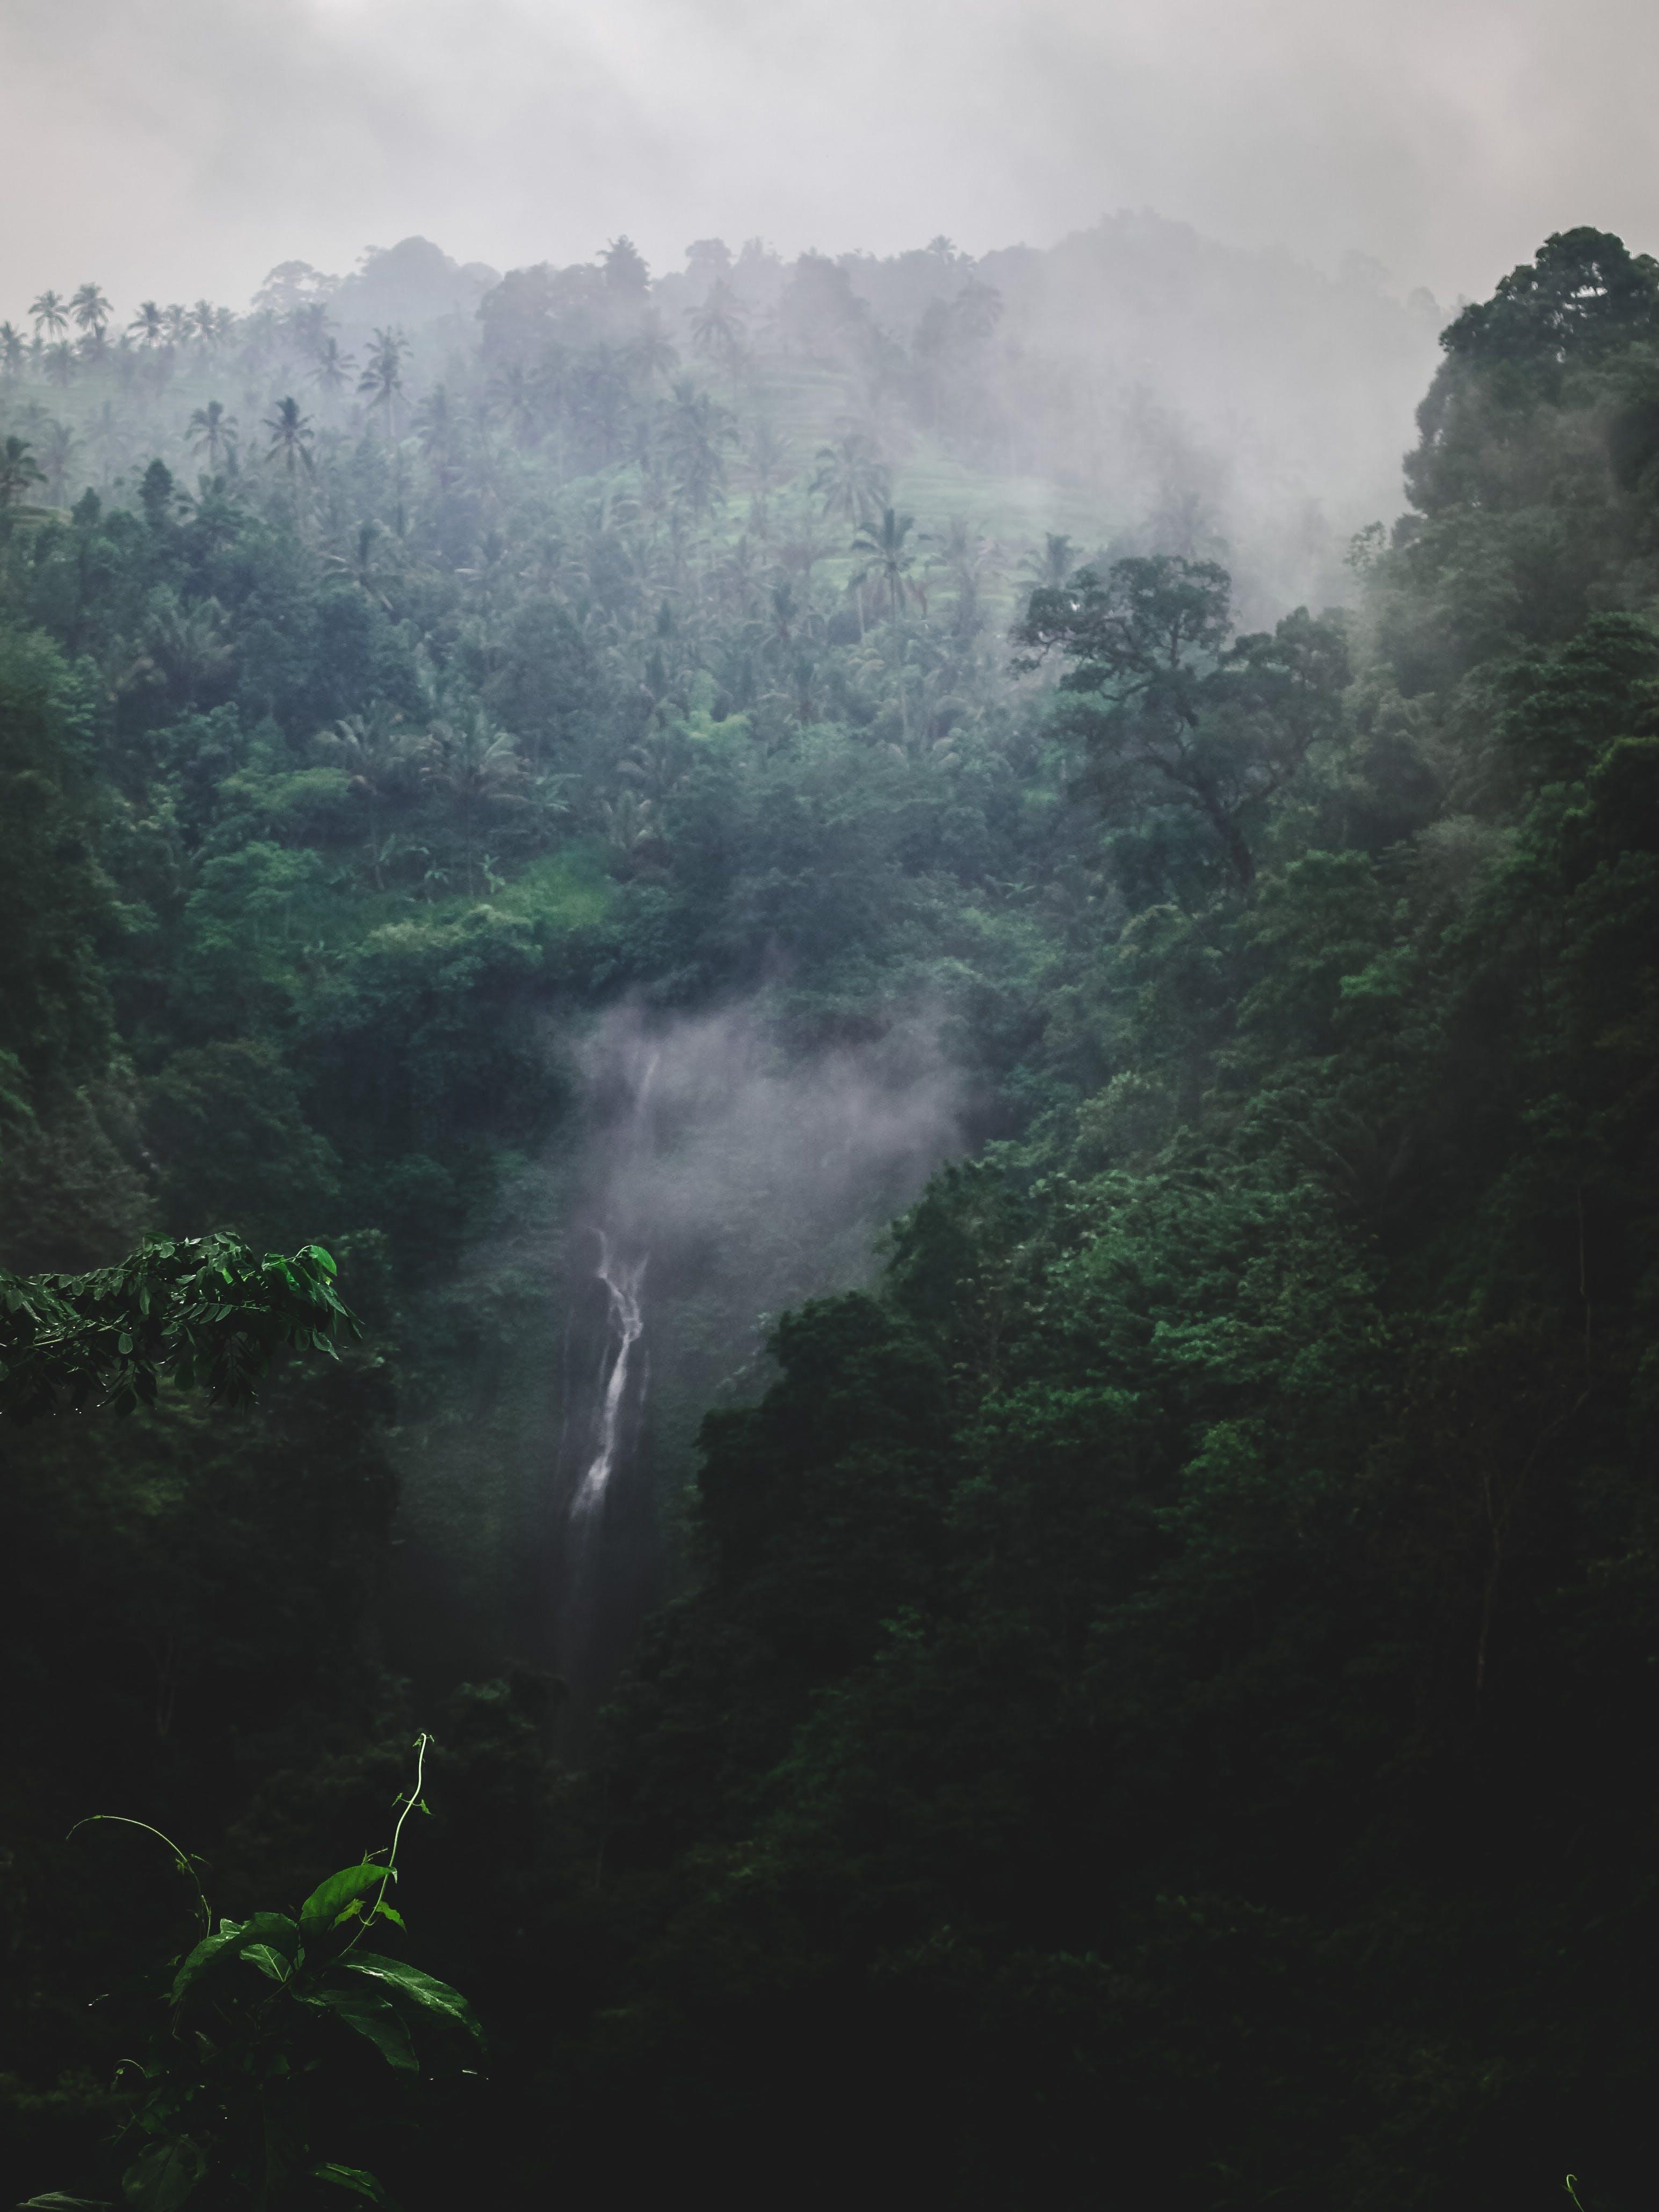 of fog, foggy, forest, green